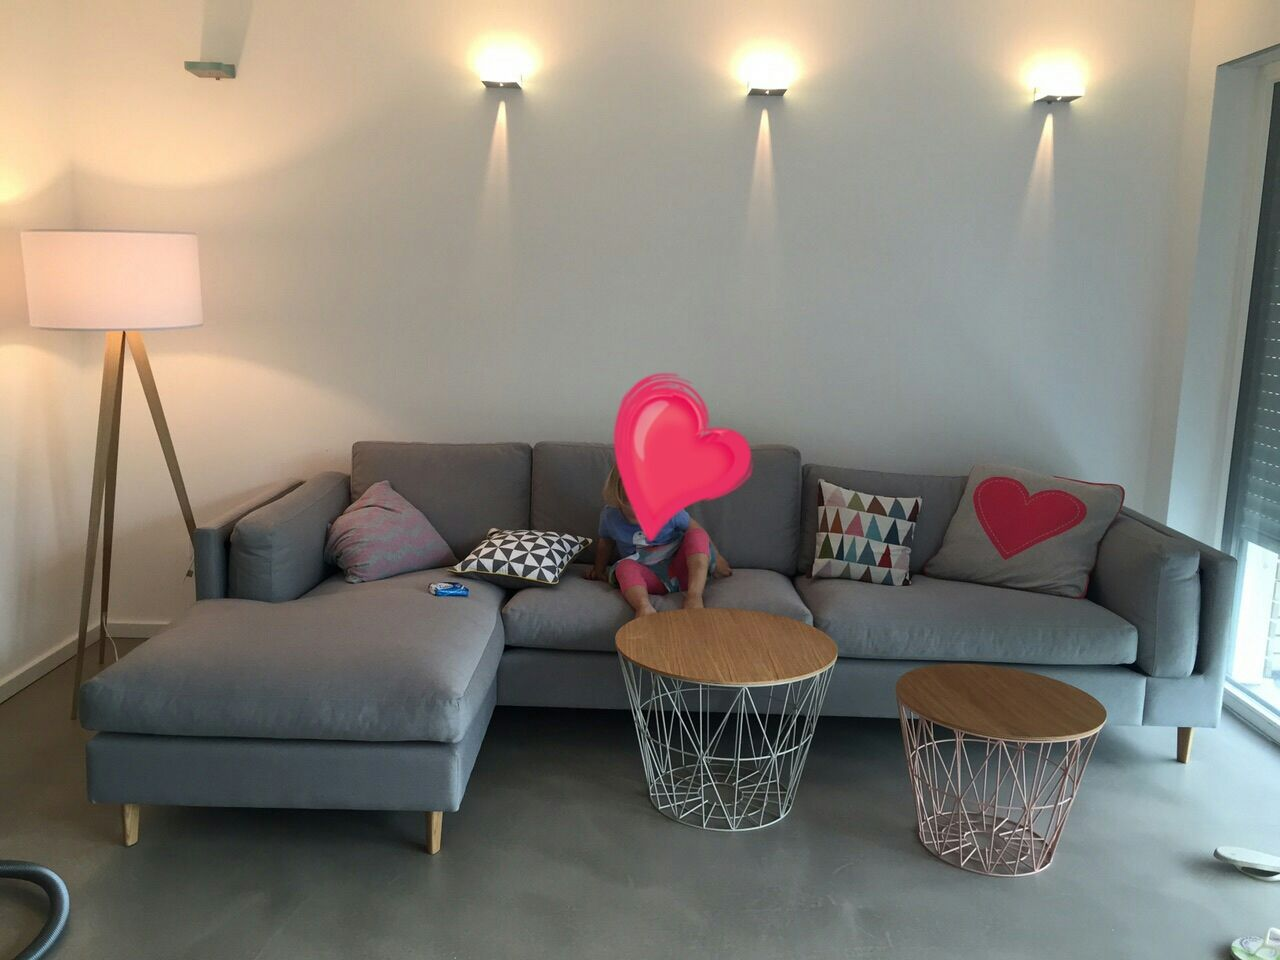 Betonoptik Spachtel moderne wohnzimmergestaltung mit einem versiegelten spachtelboden